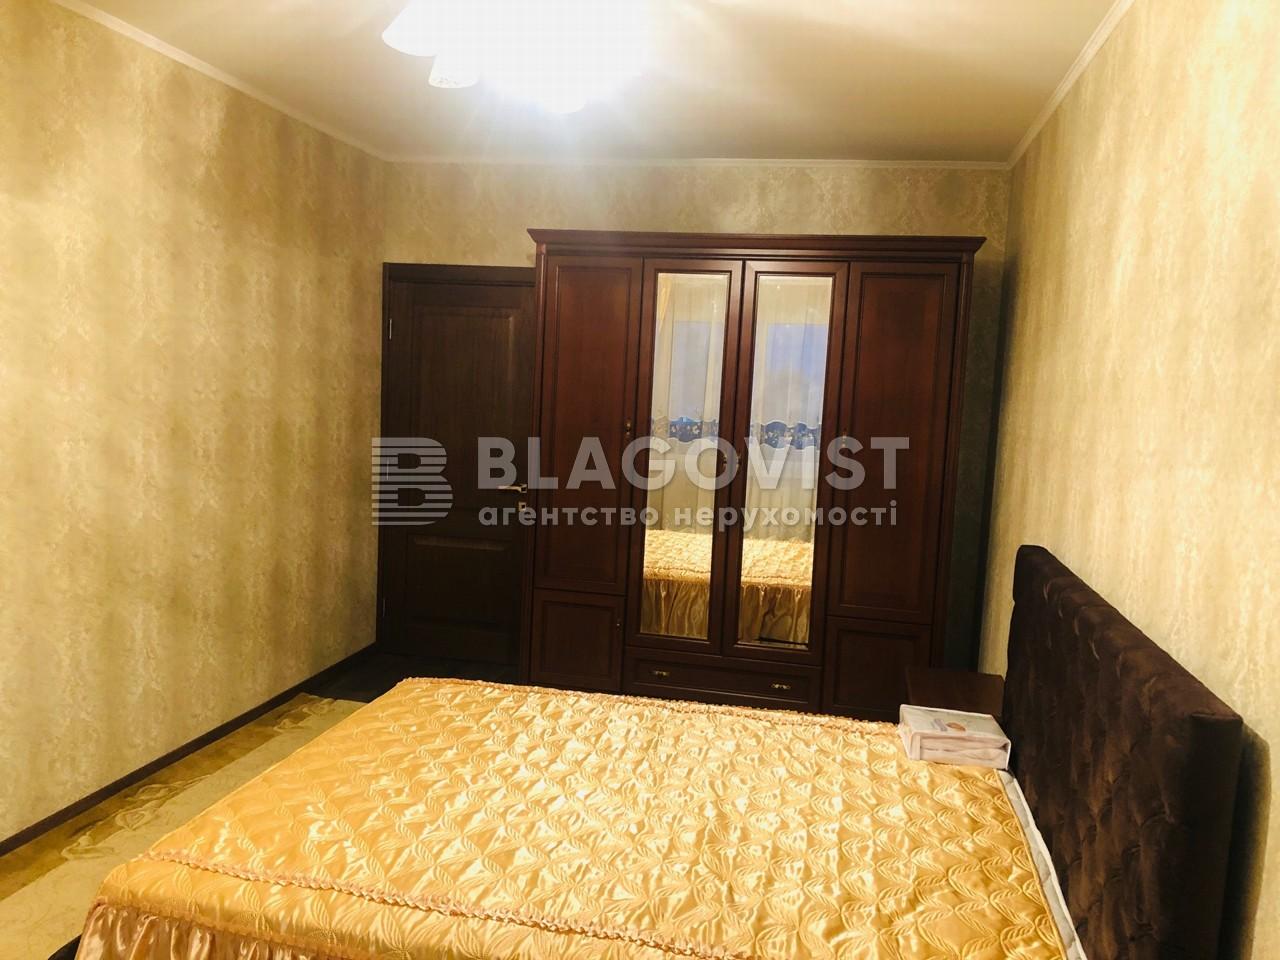 Квартира F-43945, Гонгадзе (Машиностроительная), 21а, Киев - Фото 10